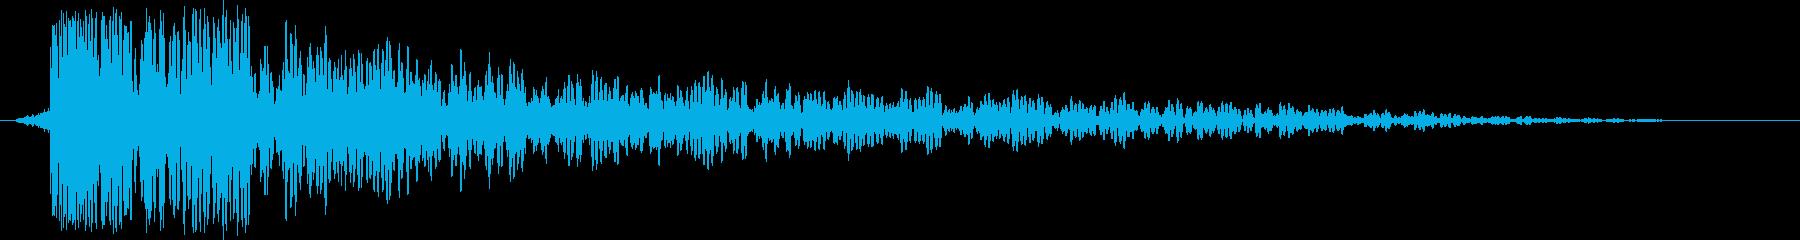 神秘的で広がりのあるサウンドロゴ の再生済みの波形